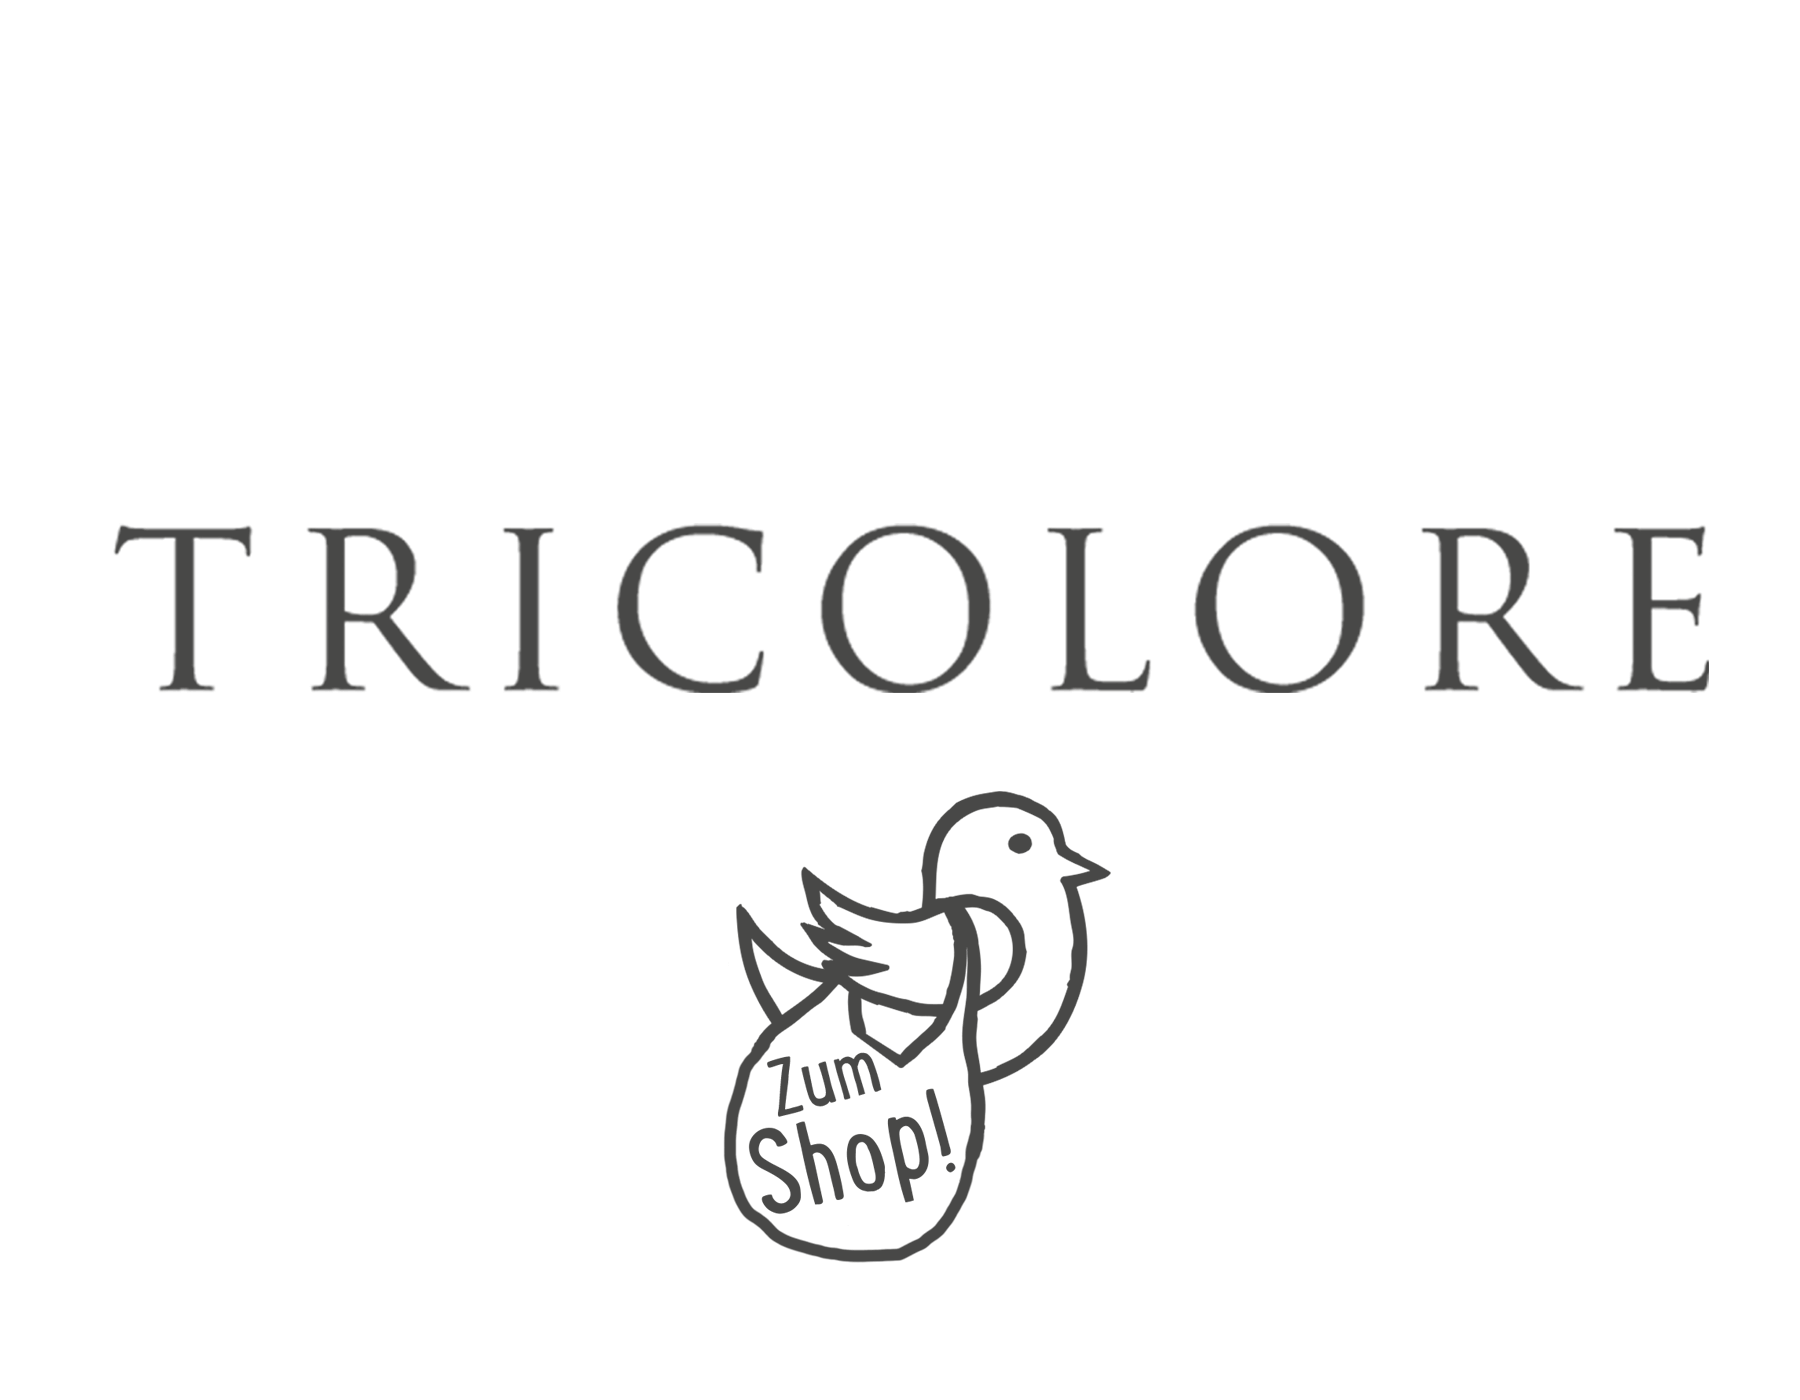 tricolore – schwarz-weiß-karten mit knalligen farbakzenten